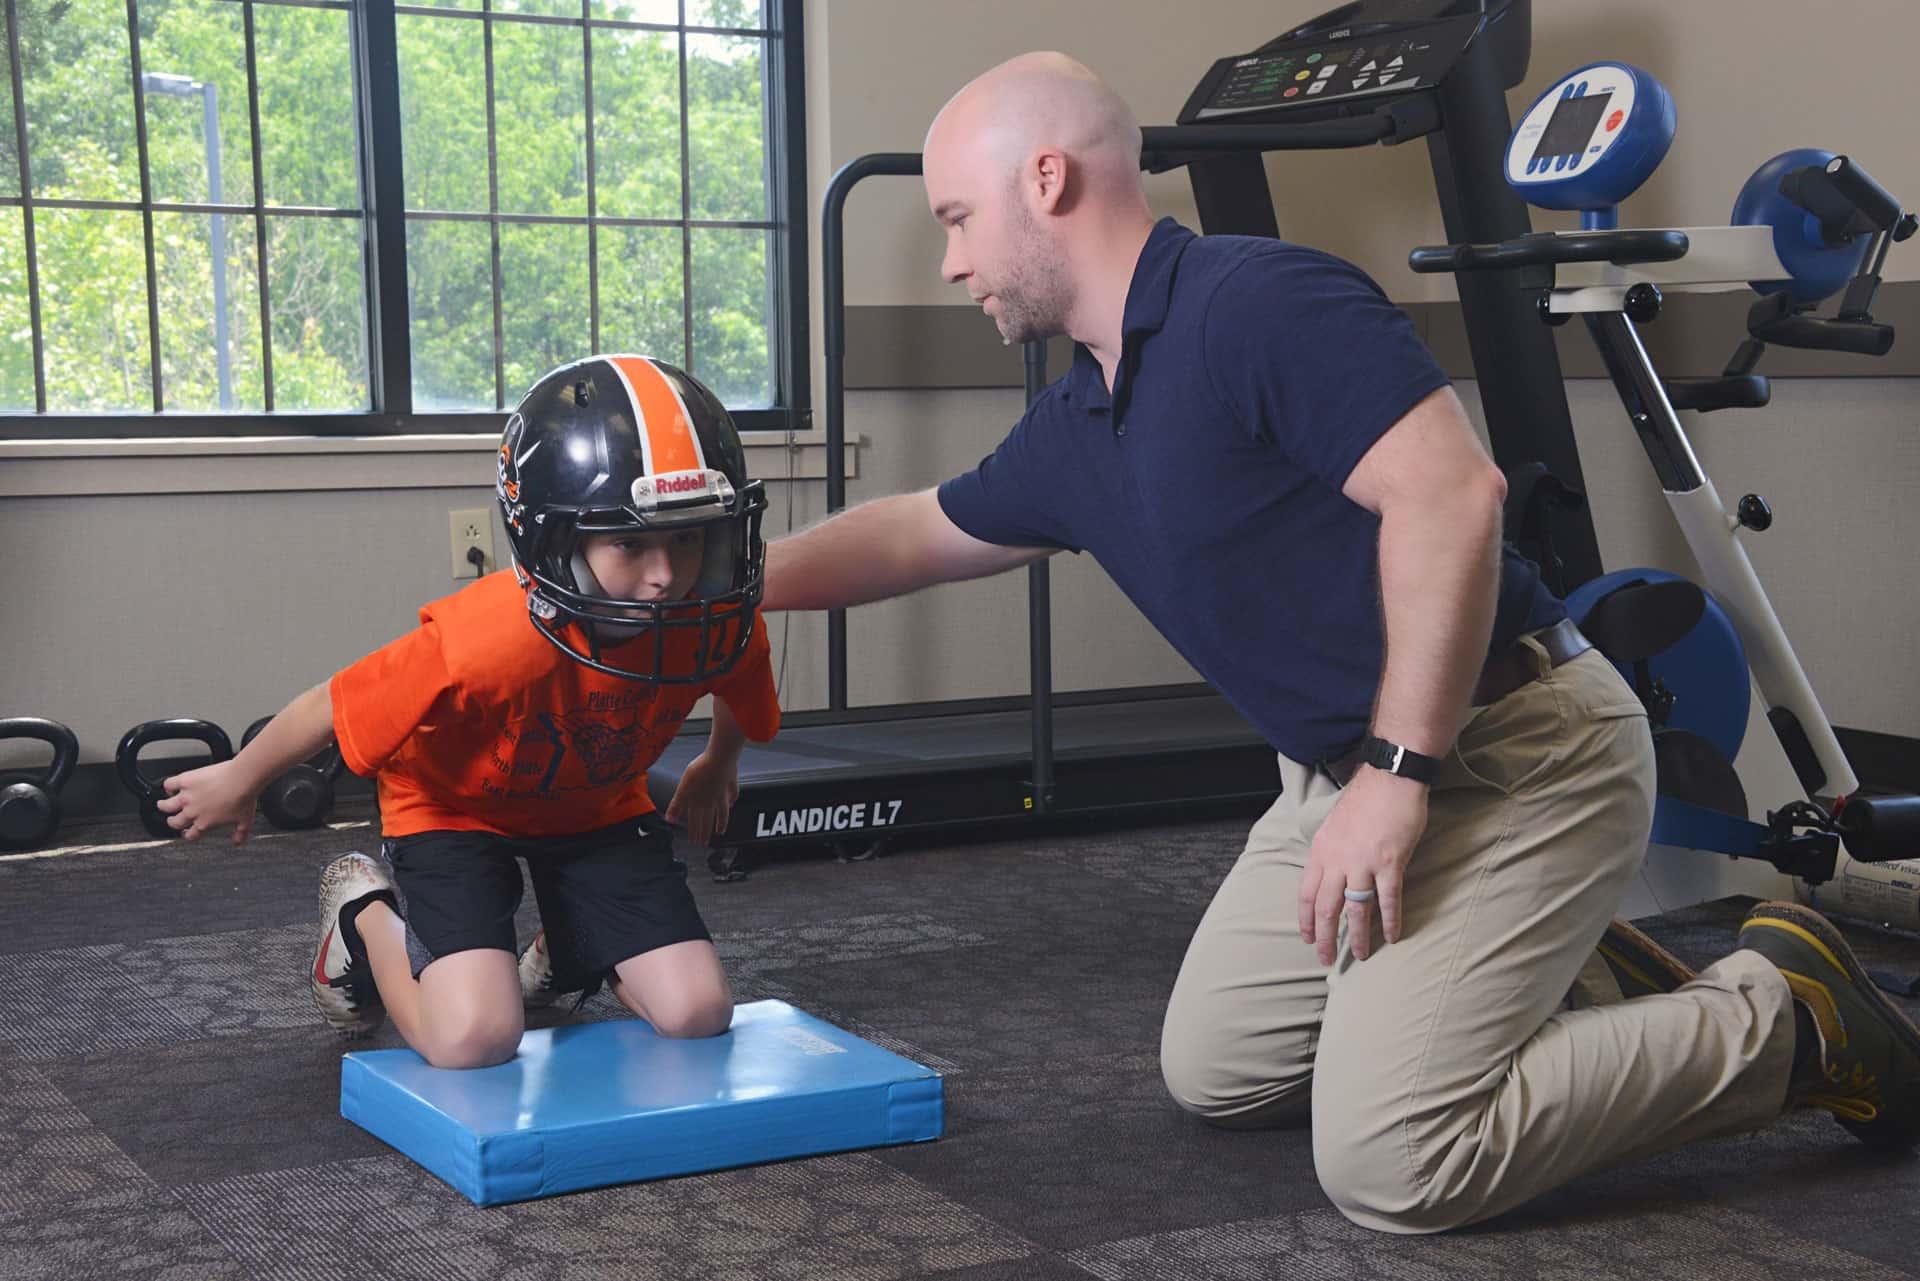 Kurt-Eli-Football-kneel-squat-2